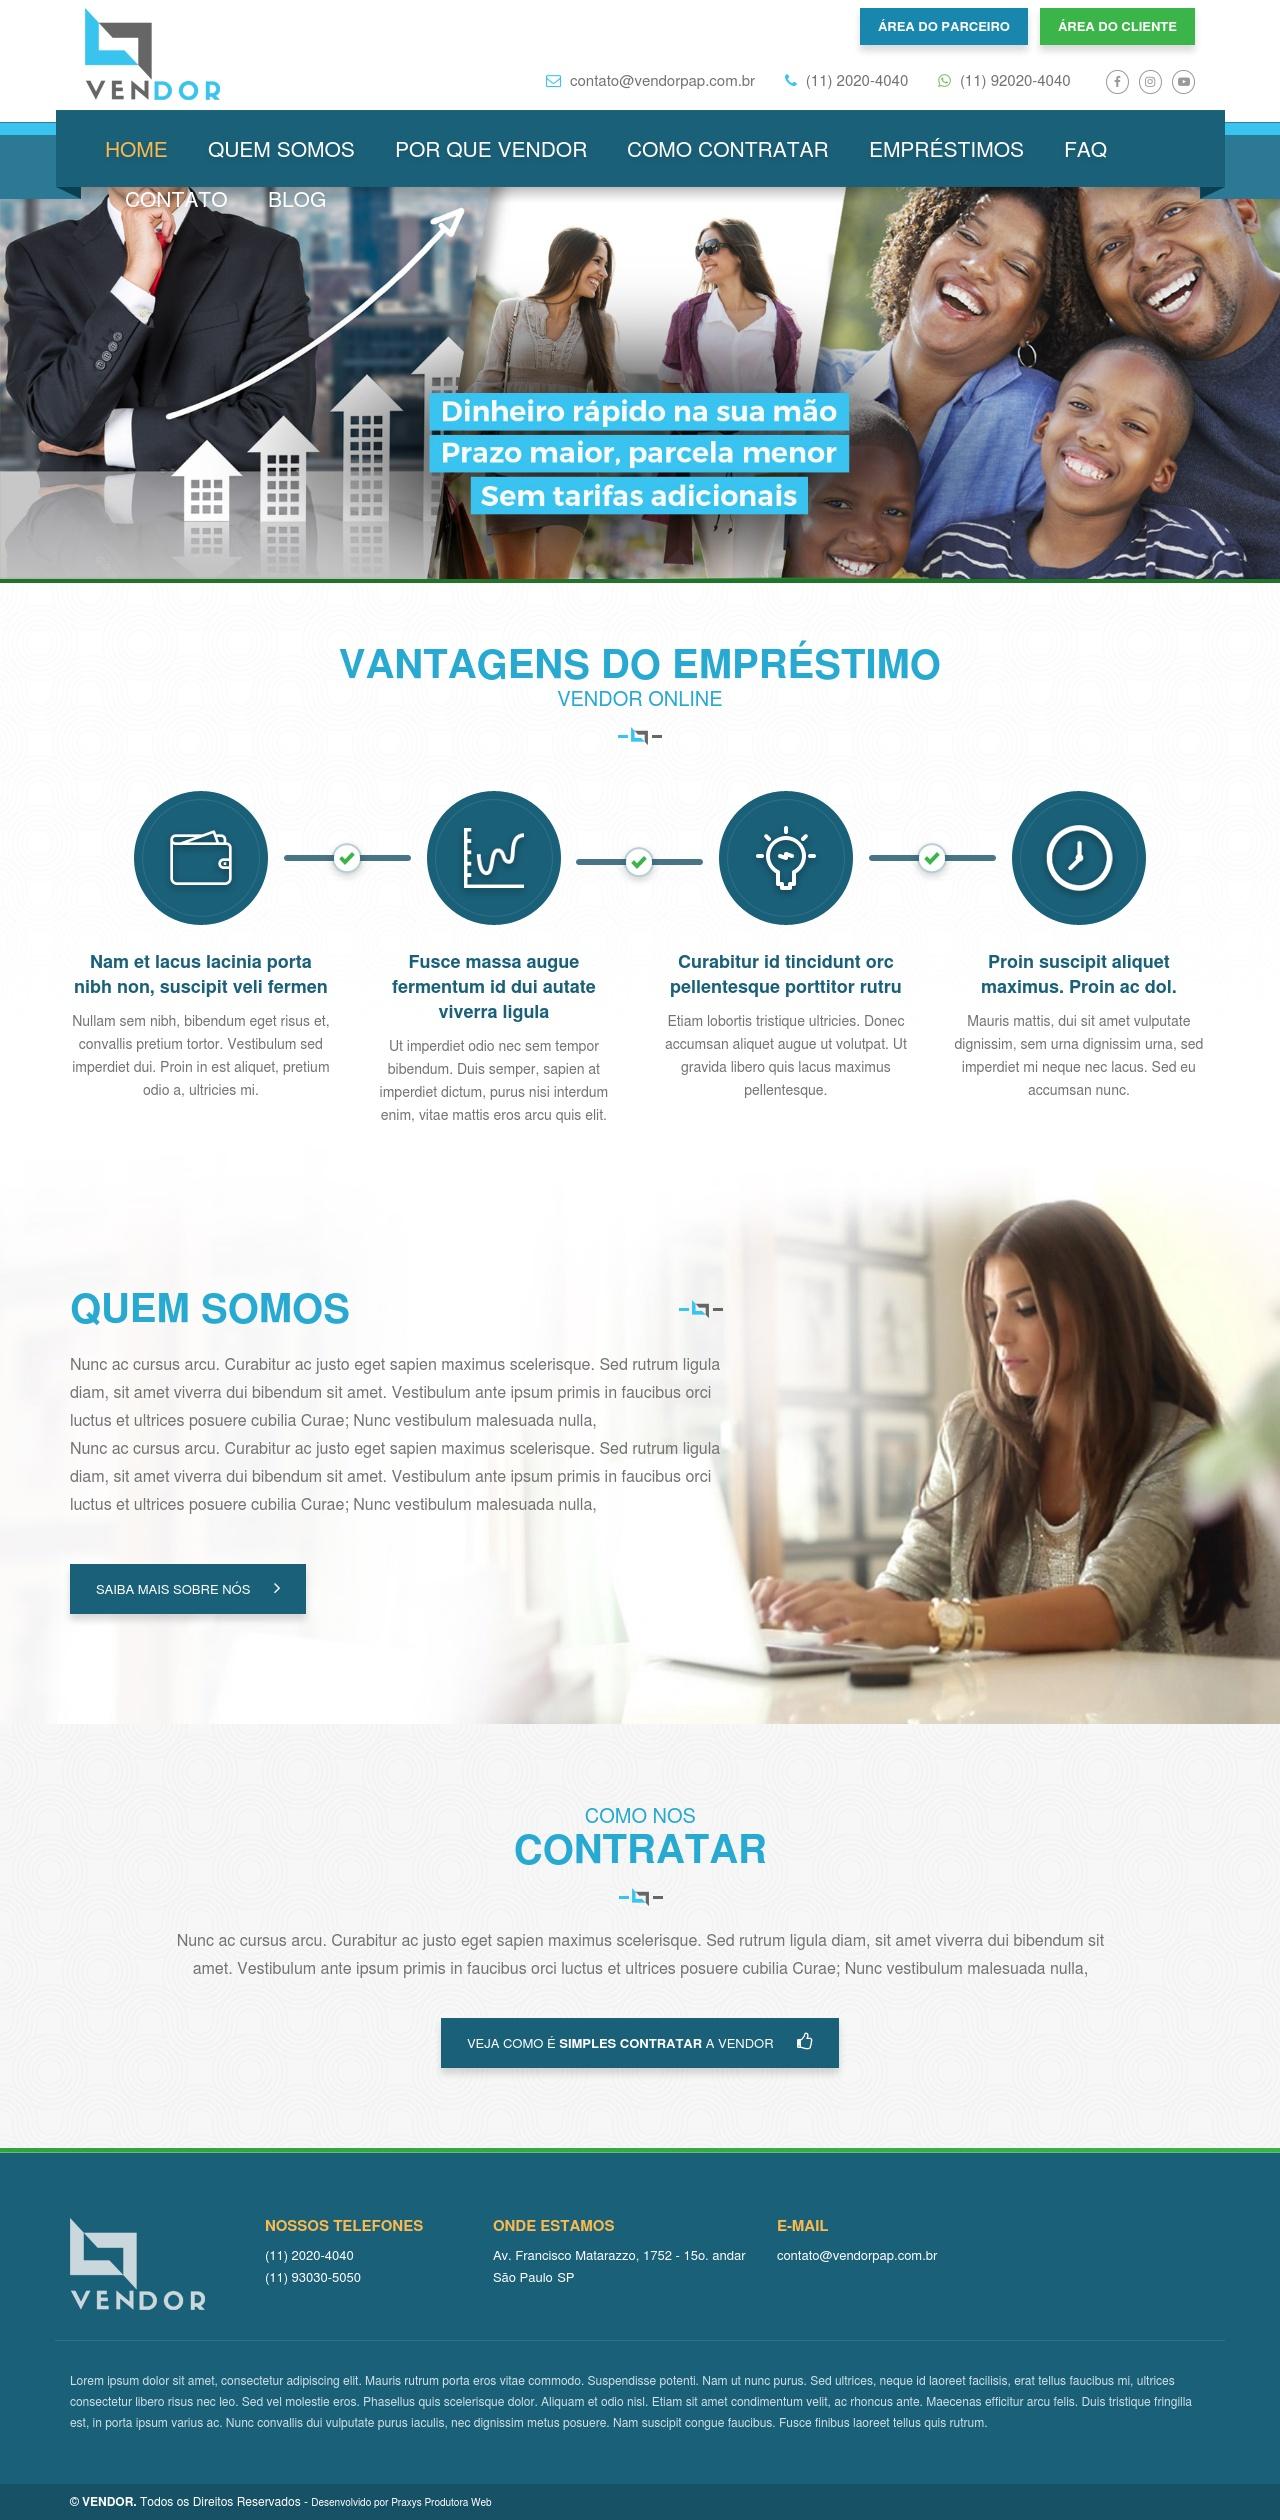 Imagem do projeto Vendor